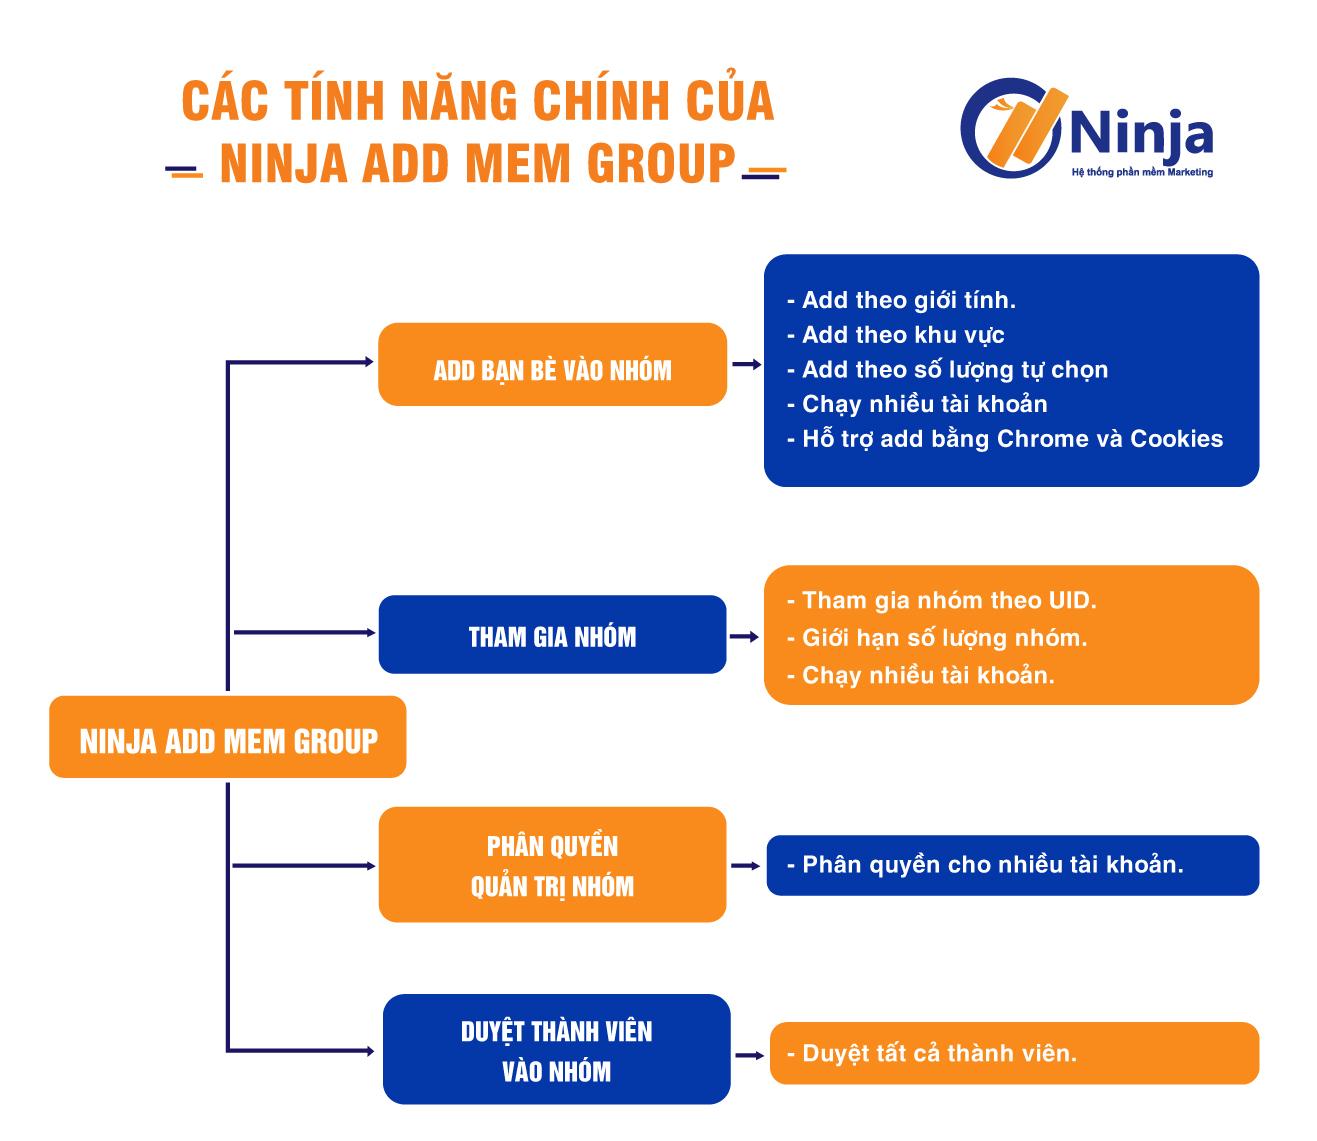 ninja add mem group Tool add mem group facebook giúp tăng thành viên nhanh chóng